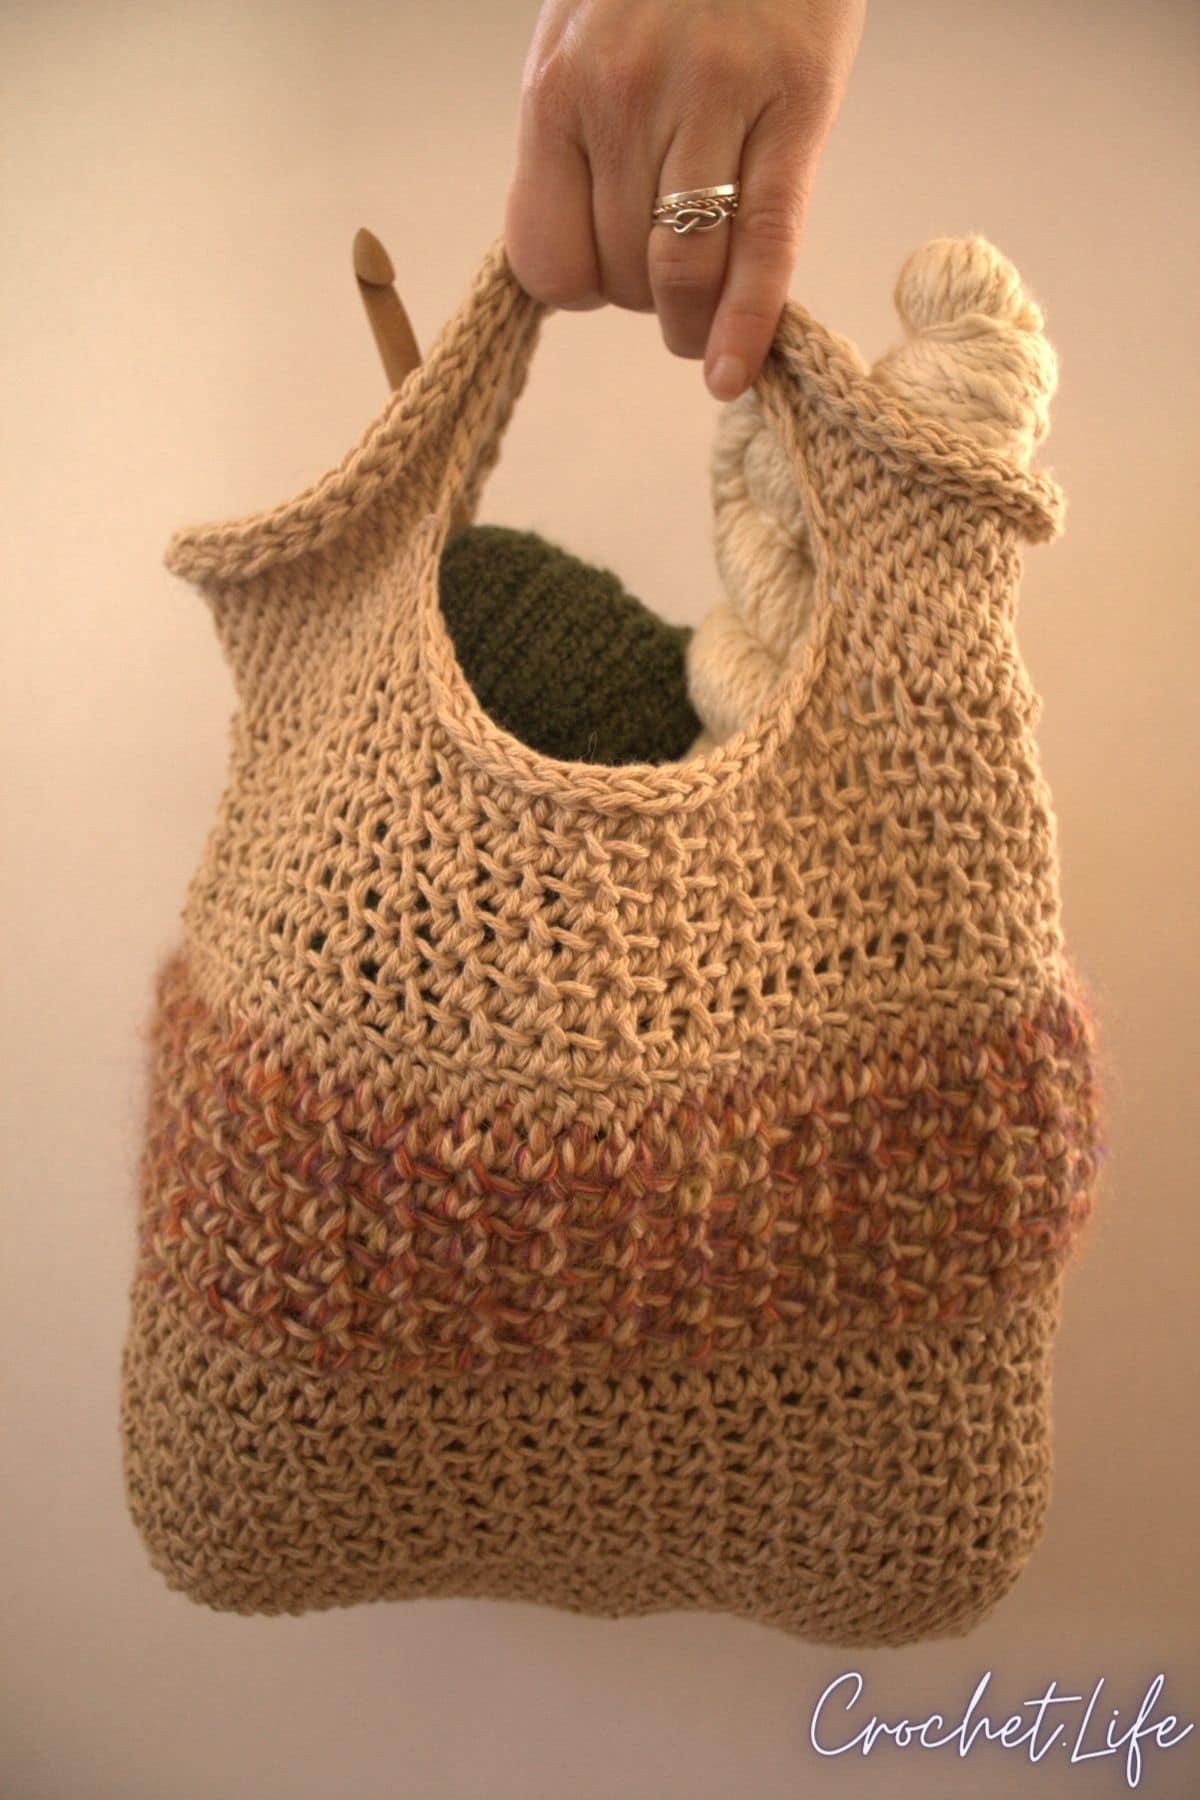 Hand holding crochet bag